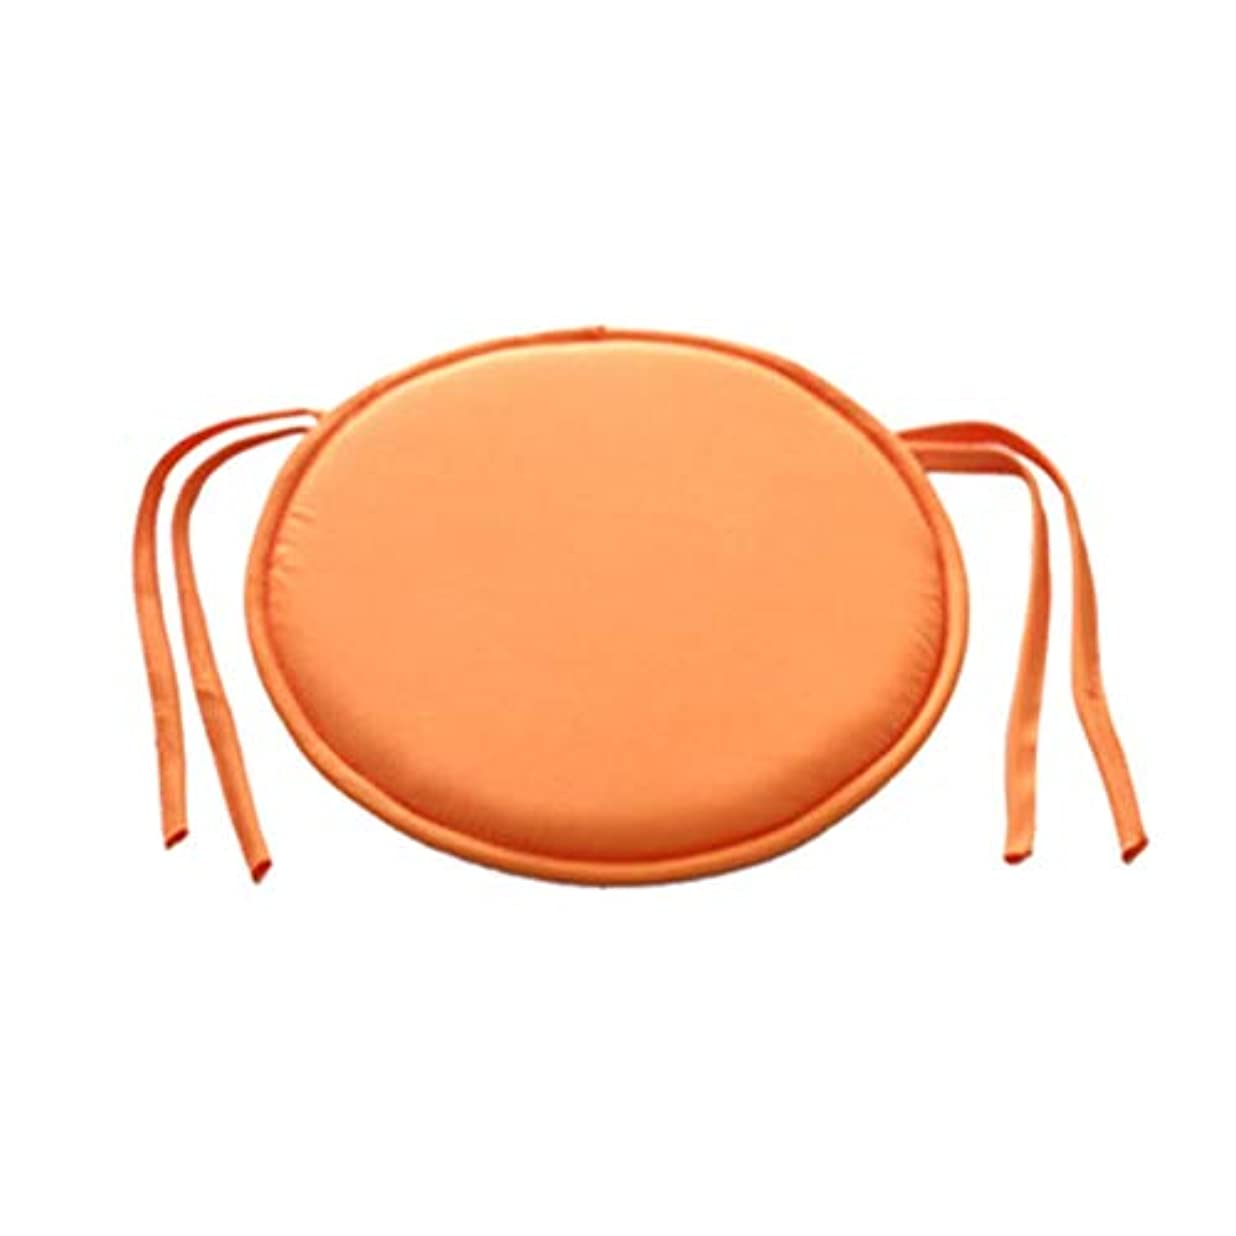 異なるピュー起きてLIFE ホット販売ラウンドチェアクッション屋内ポップパティオオフィスチェアシートパッドネクタイスクエアガーデンキッチンダイニングクッション クッション 椅子